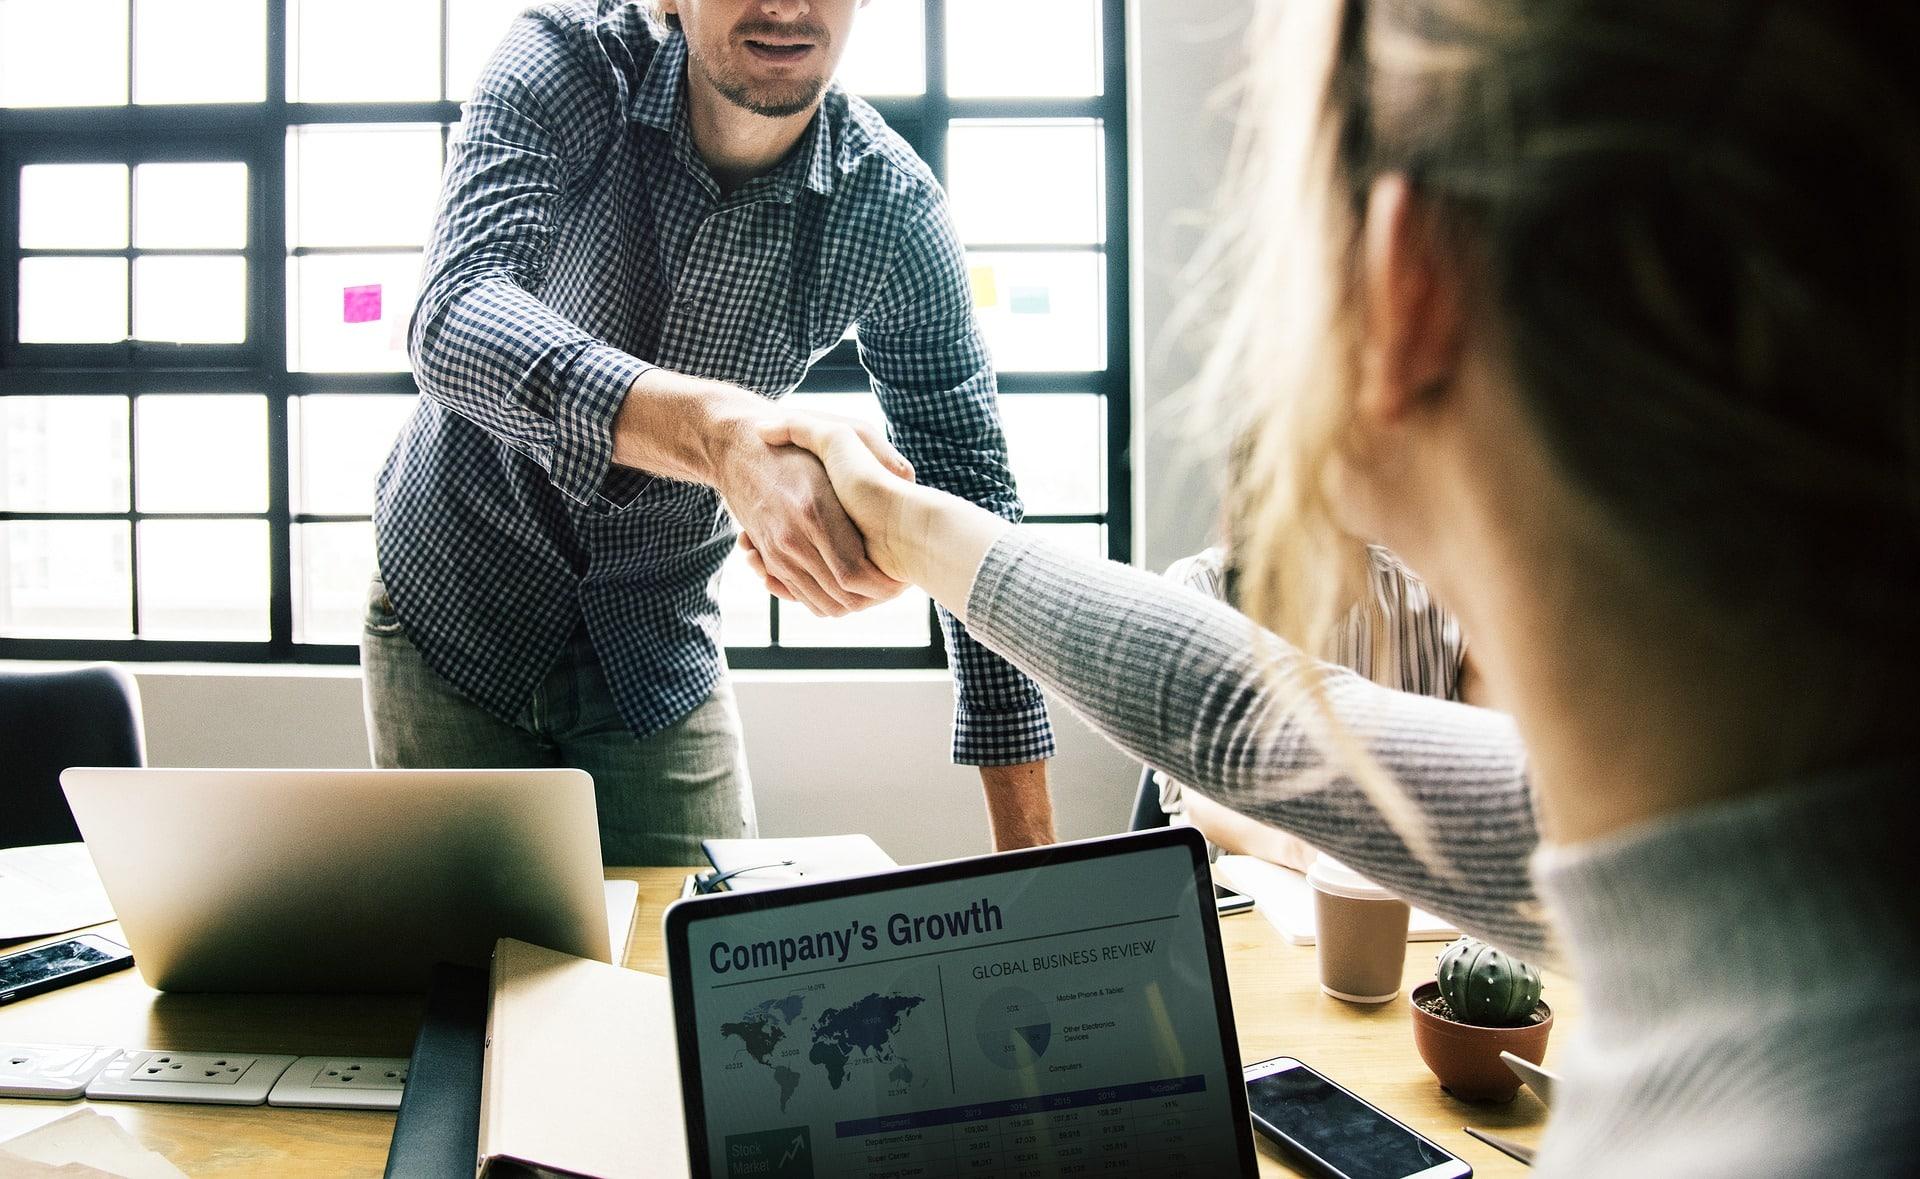 Uuden toimitilan tulee tukea yrityksen kasvua